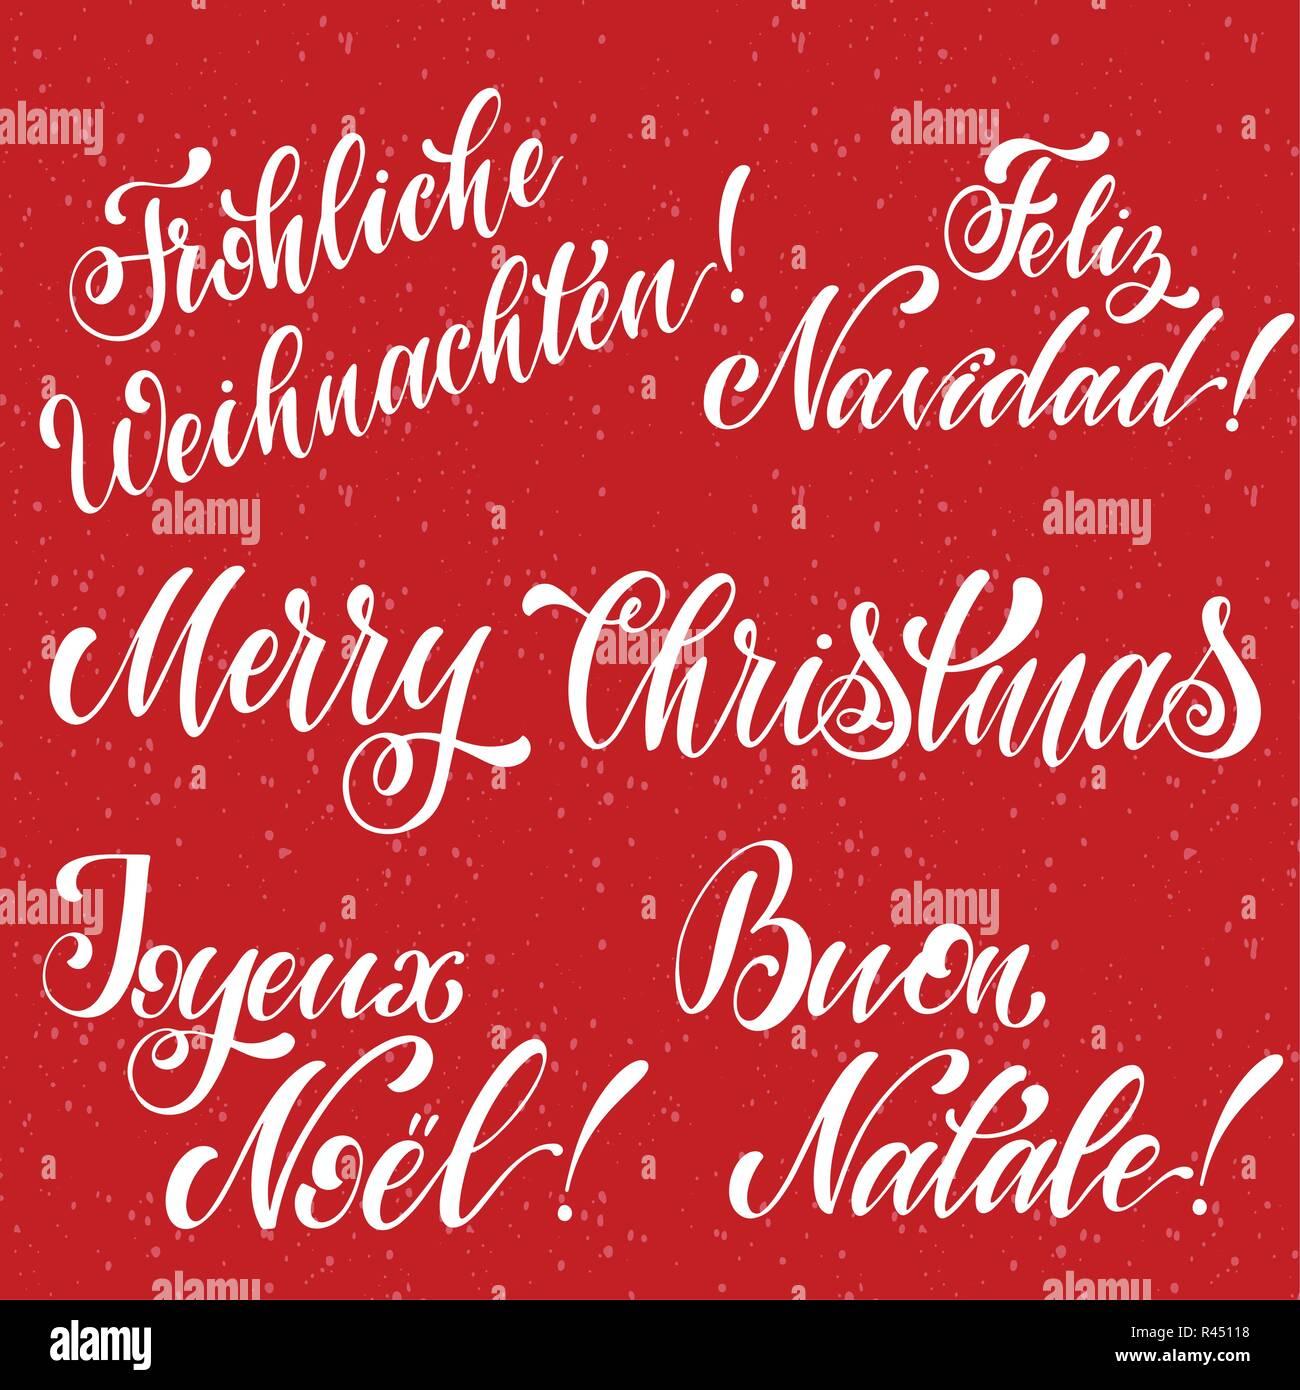 Buon Natale In Inglese.Buon Natale Di Scritte In Inglese Francese Tedesco Spagnolo E